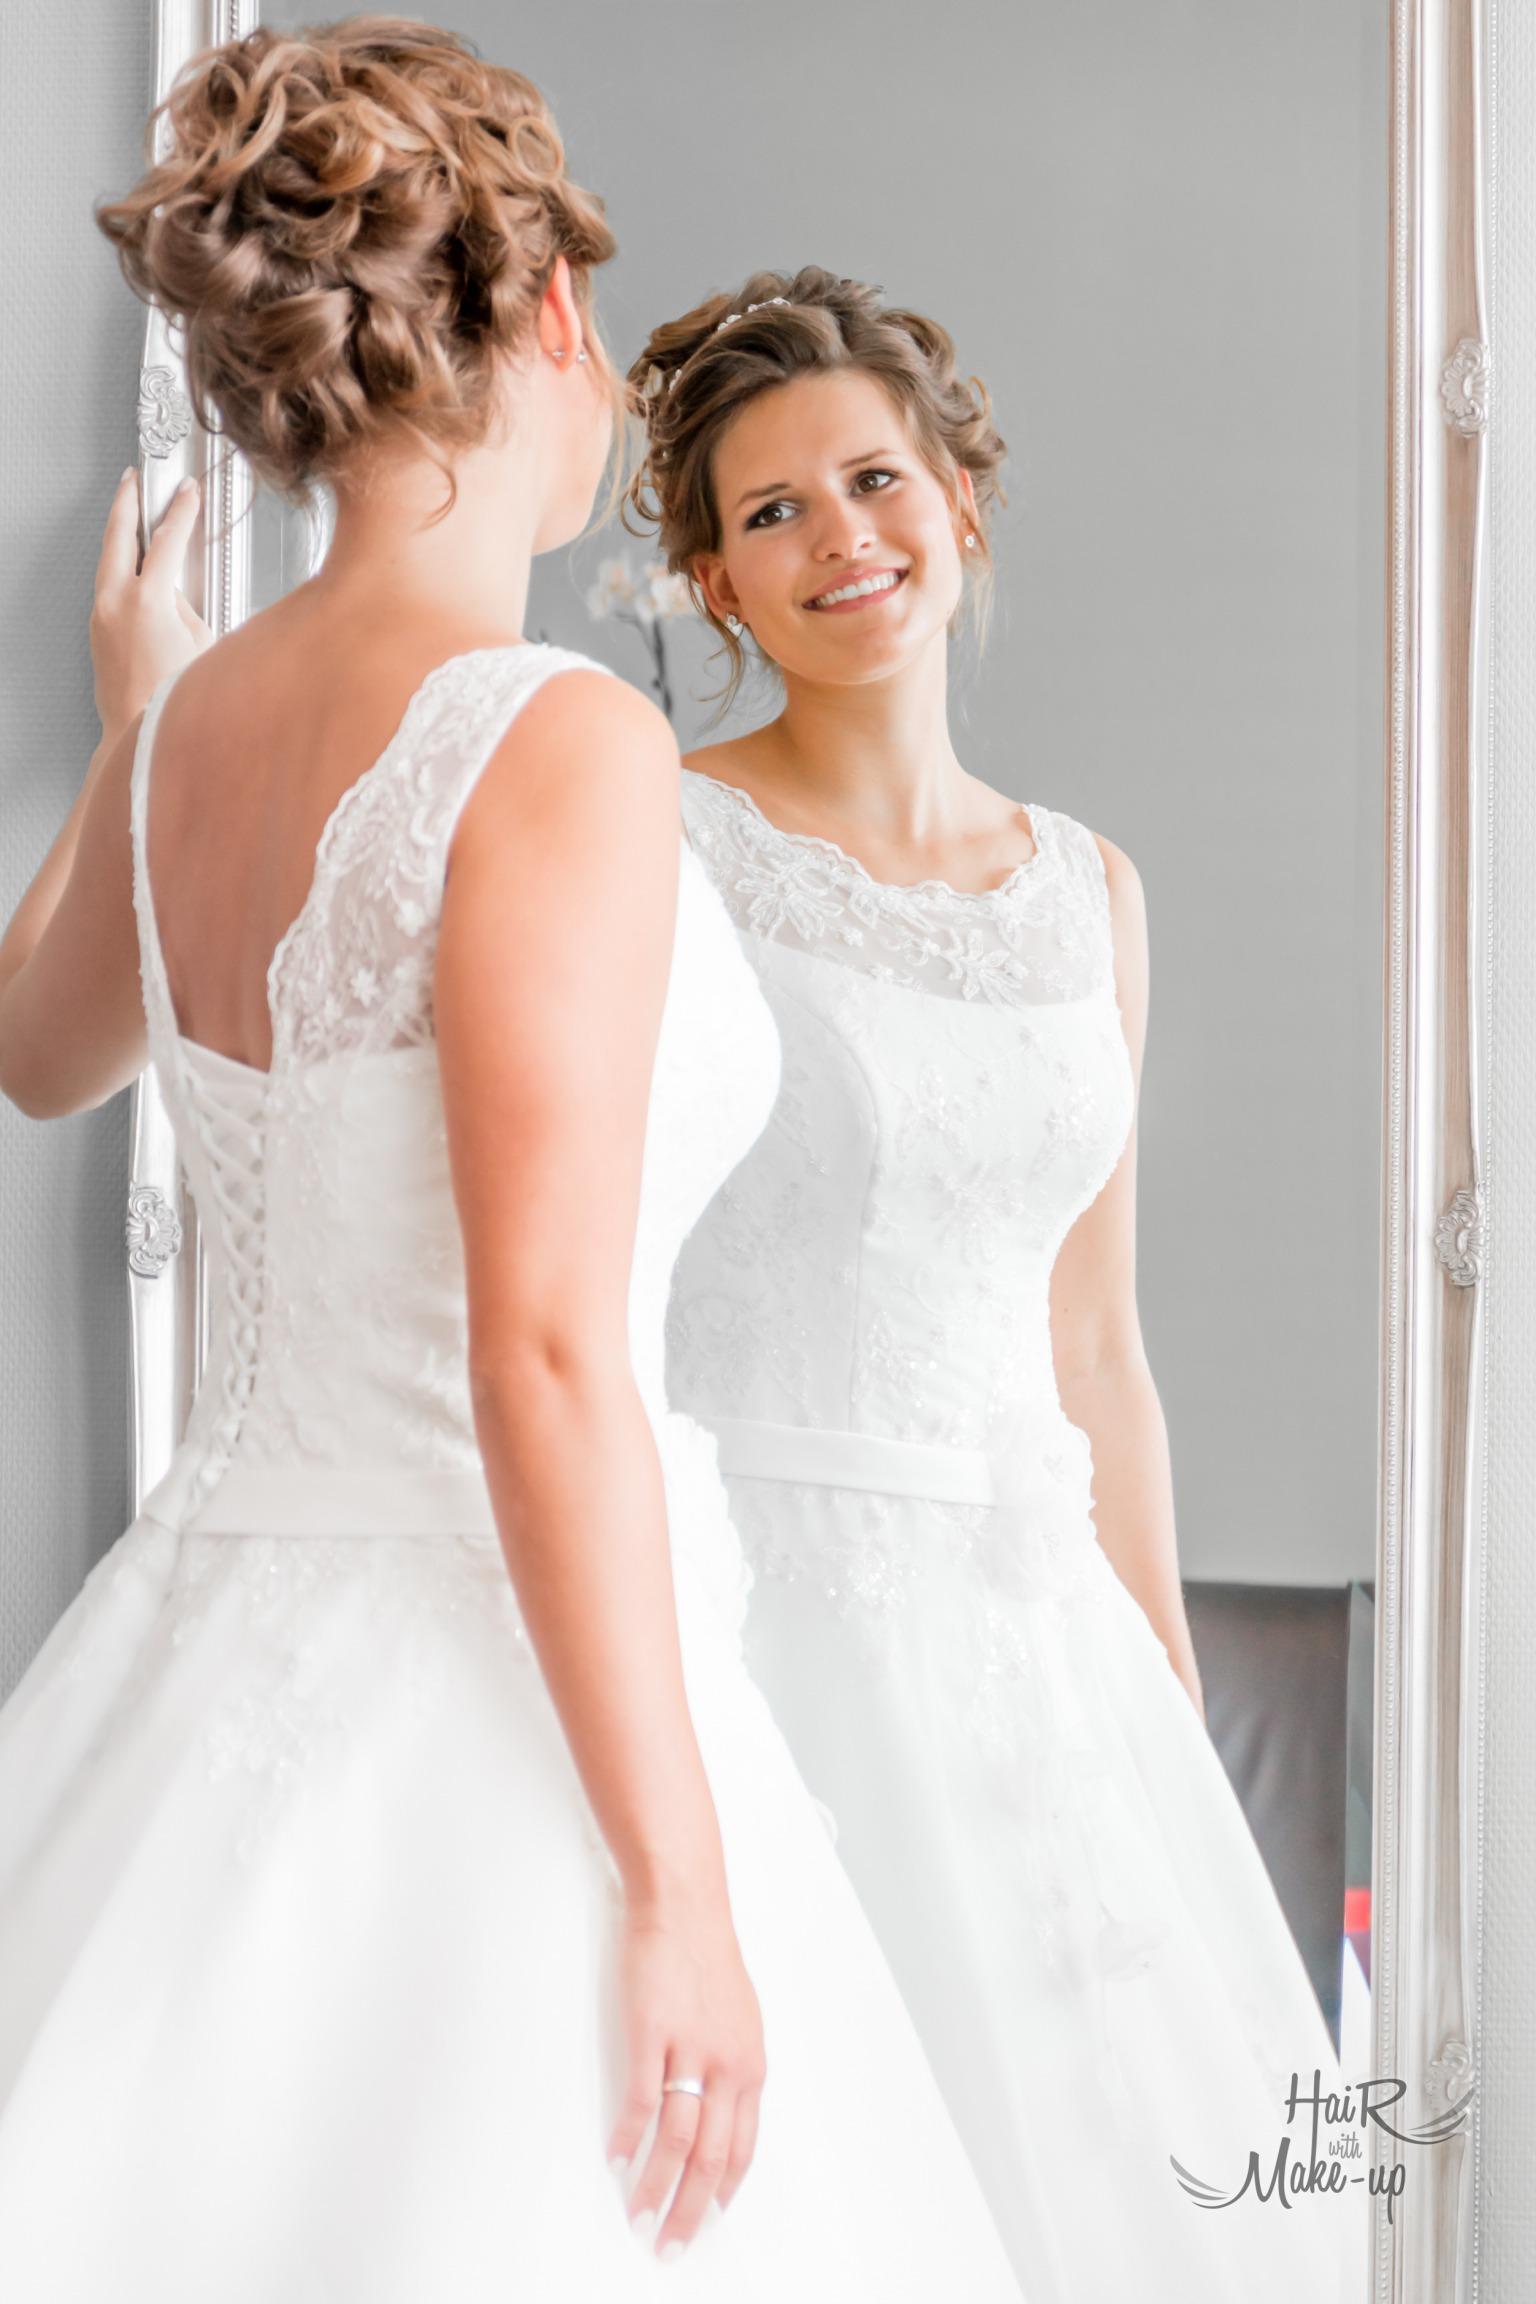 Brautfrisur und make up augsburg